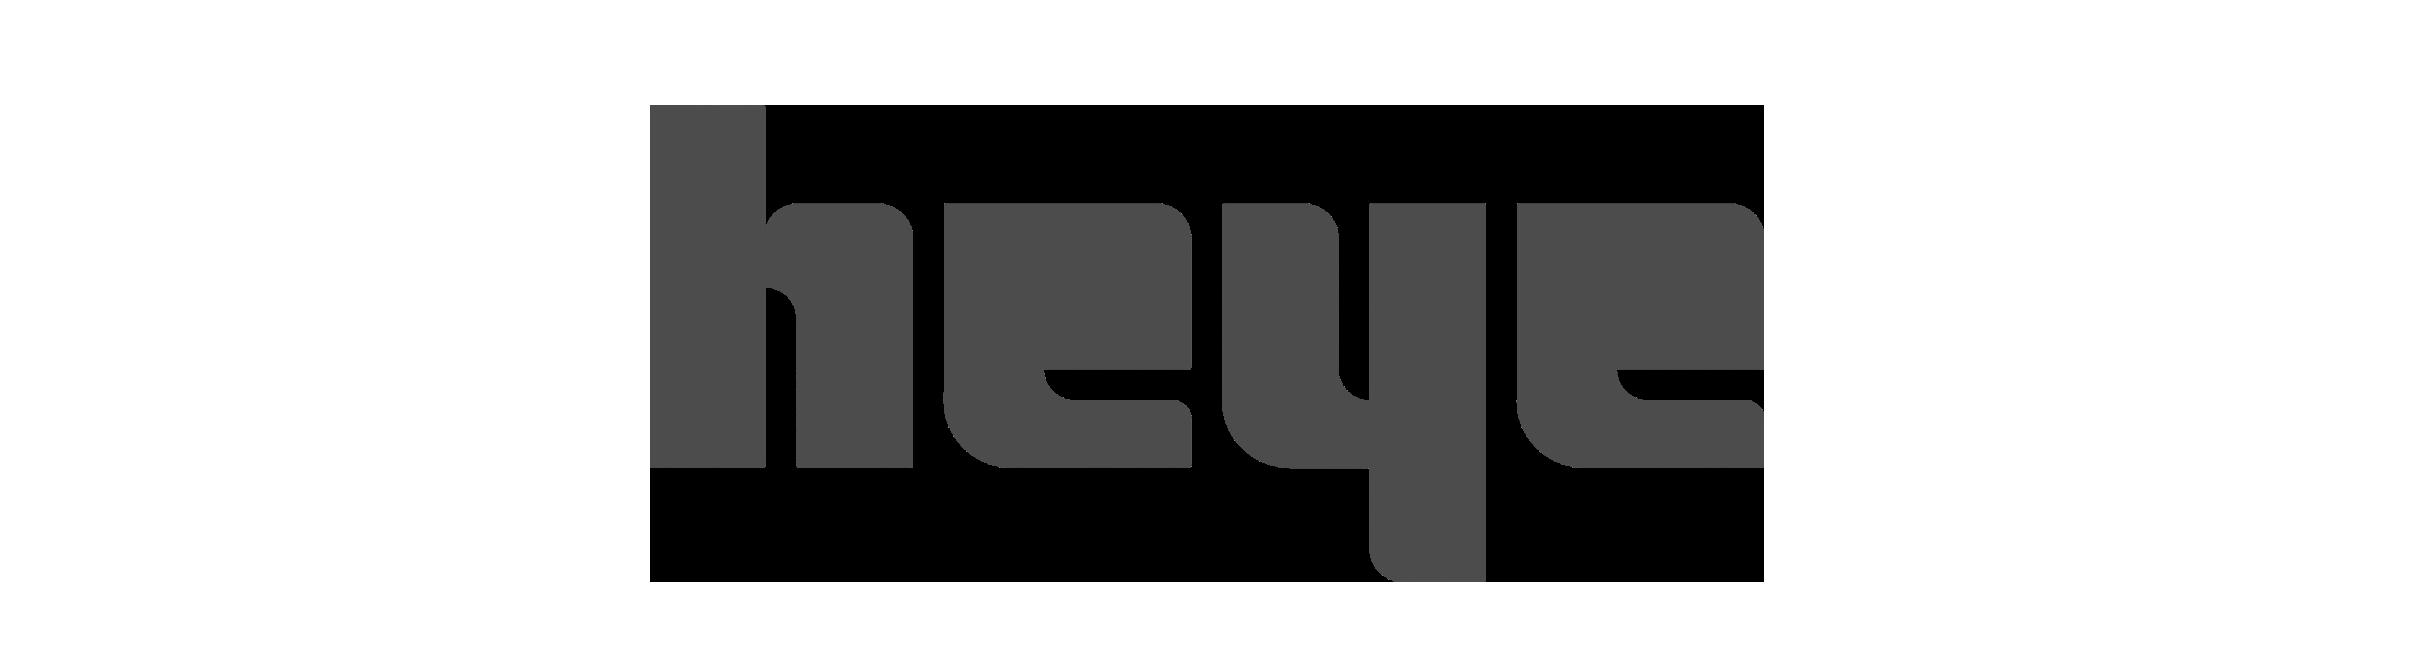 Logos Agencies 2019_09_08 beschnitten Heye 2414.png